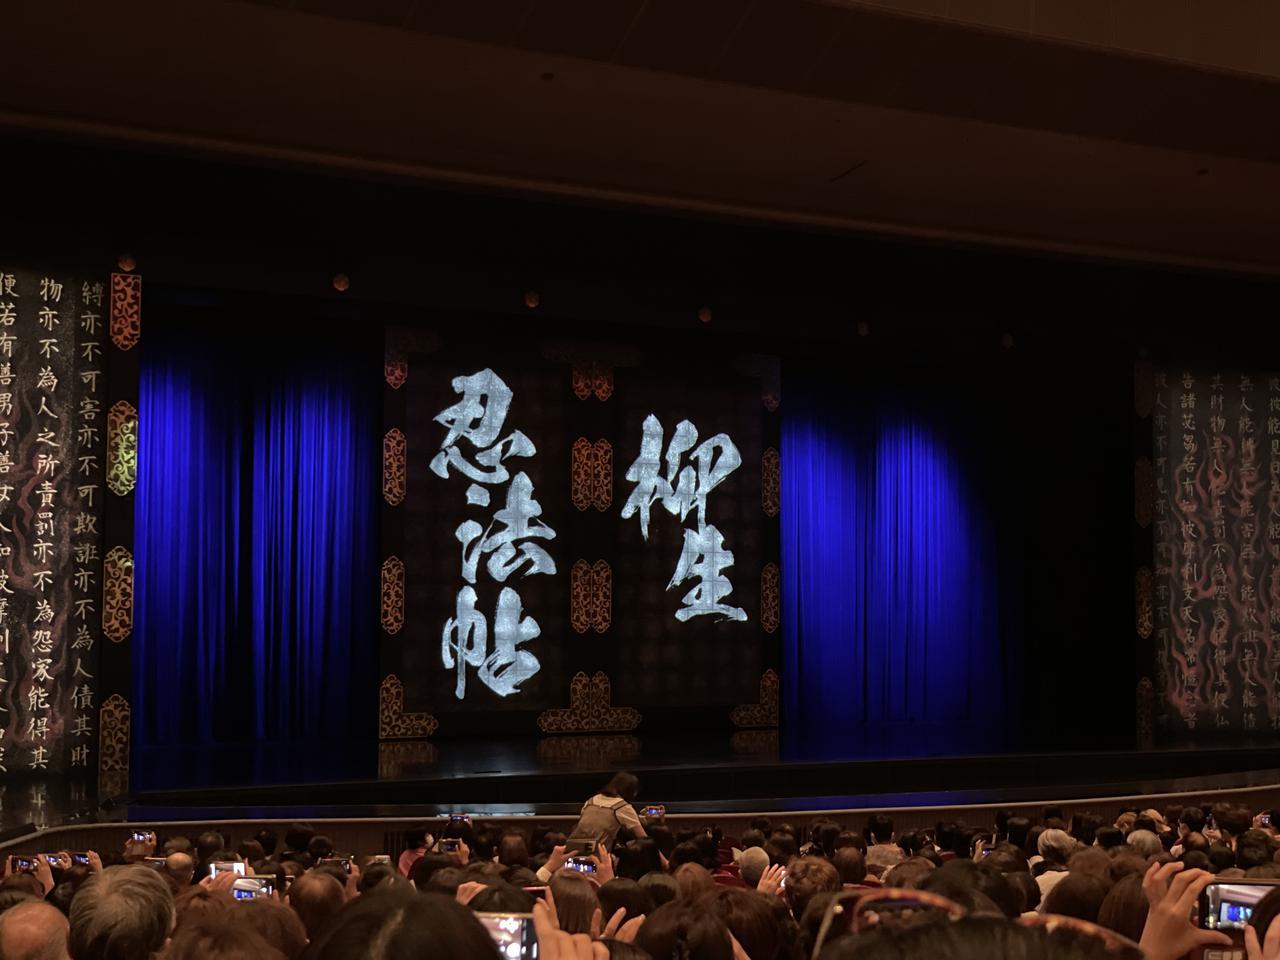 画像: 1幕→柳生忍法帖(お芝居)